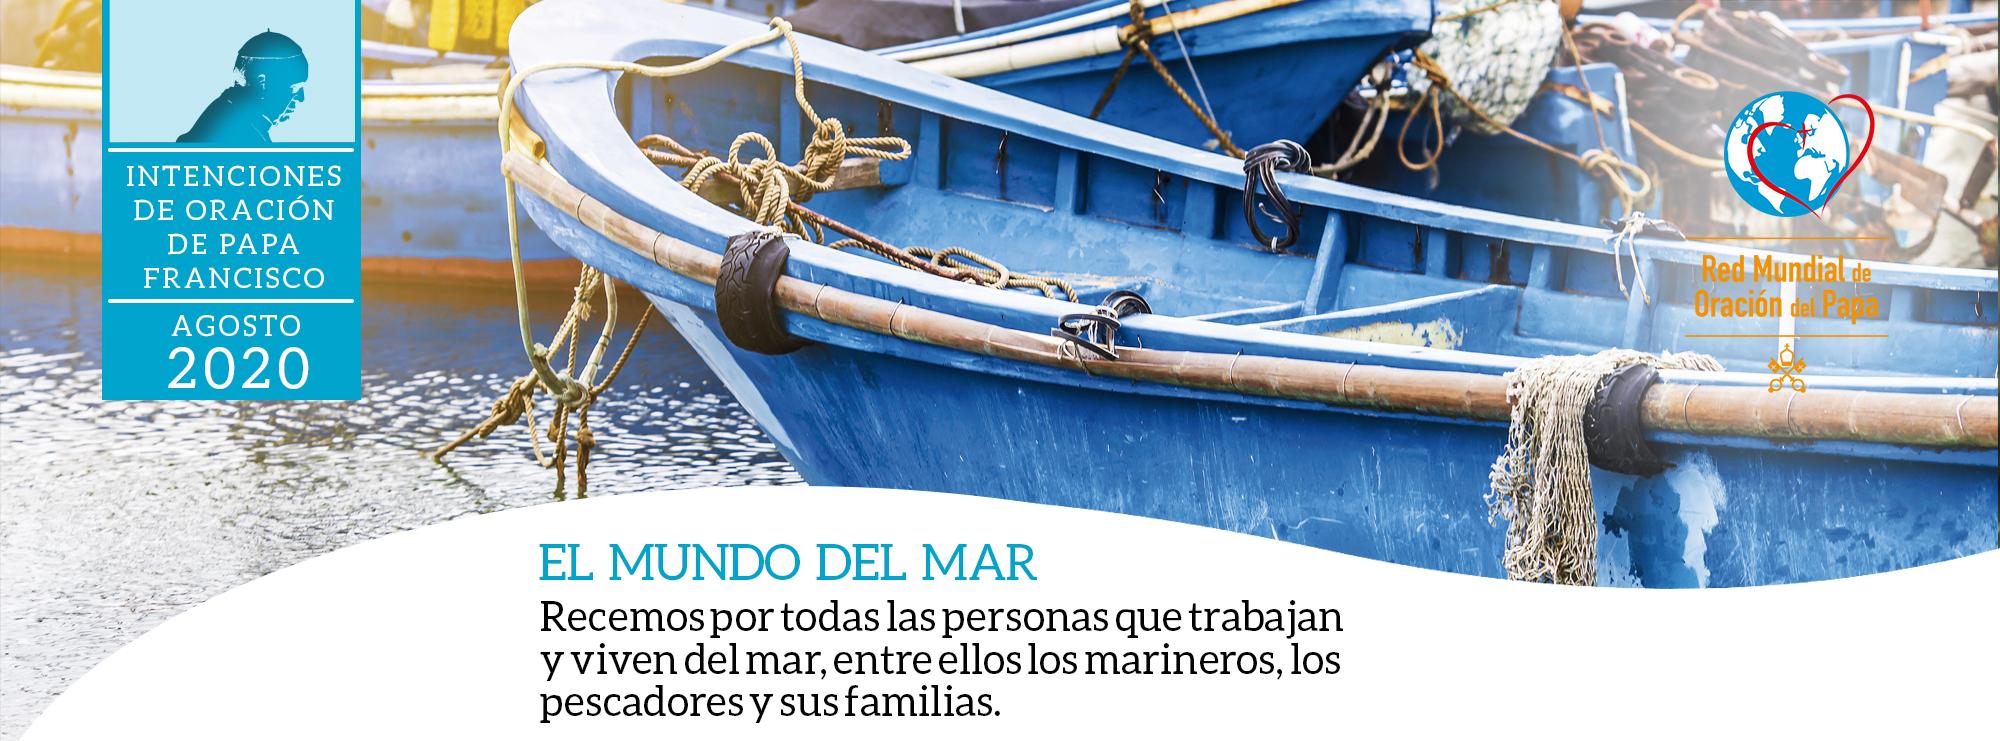 el mundo del mar papa francisco intenciones agosto